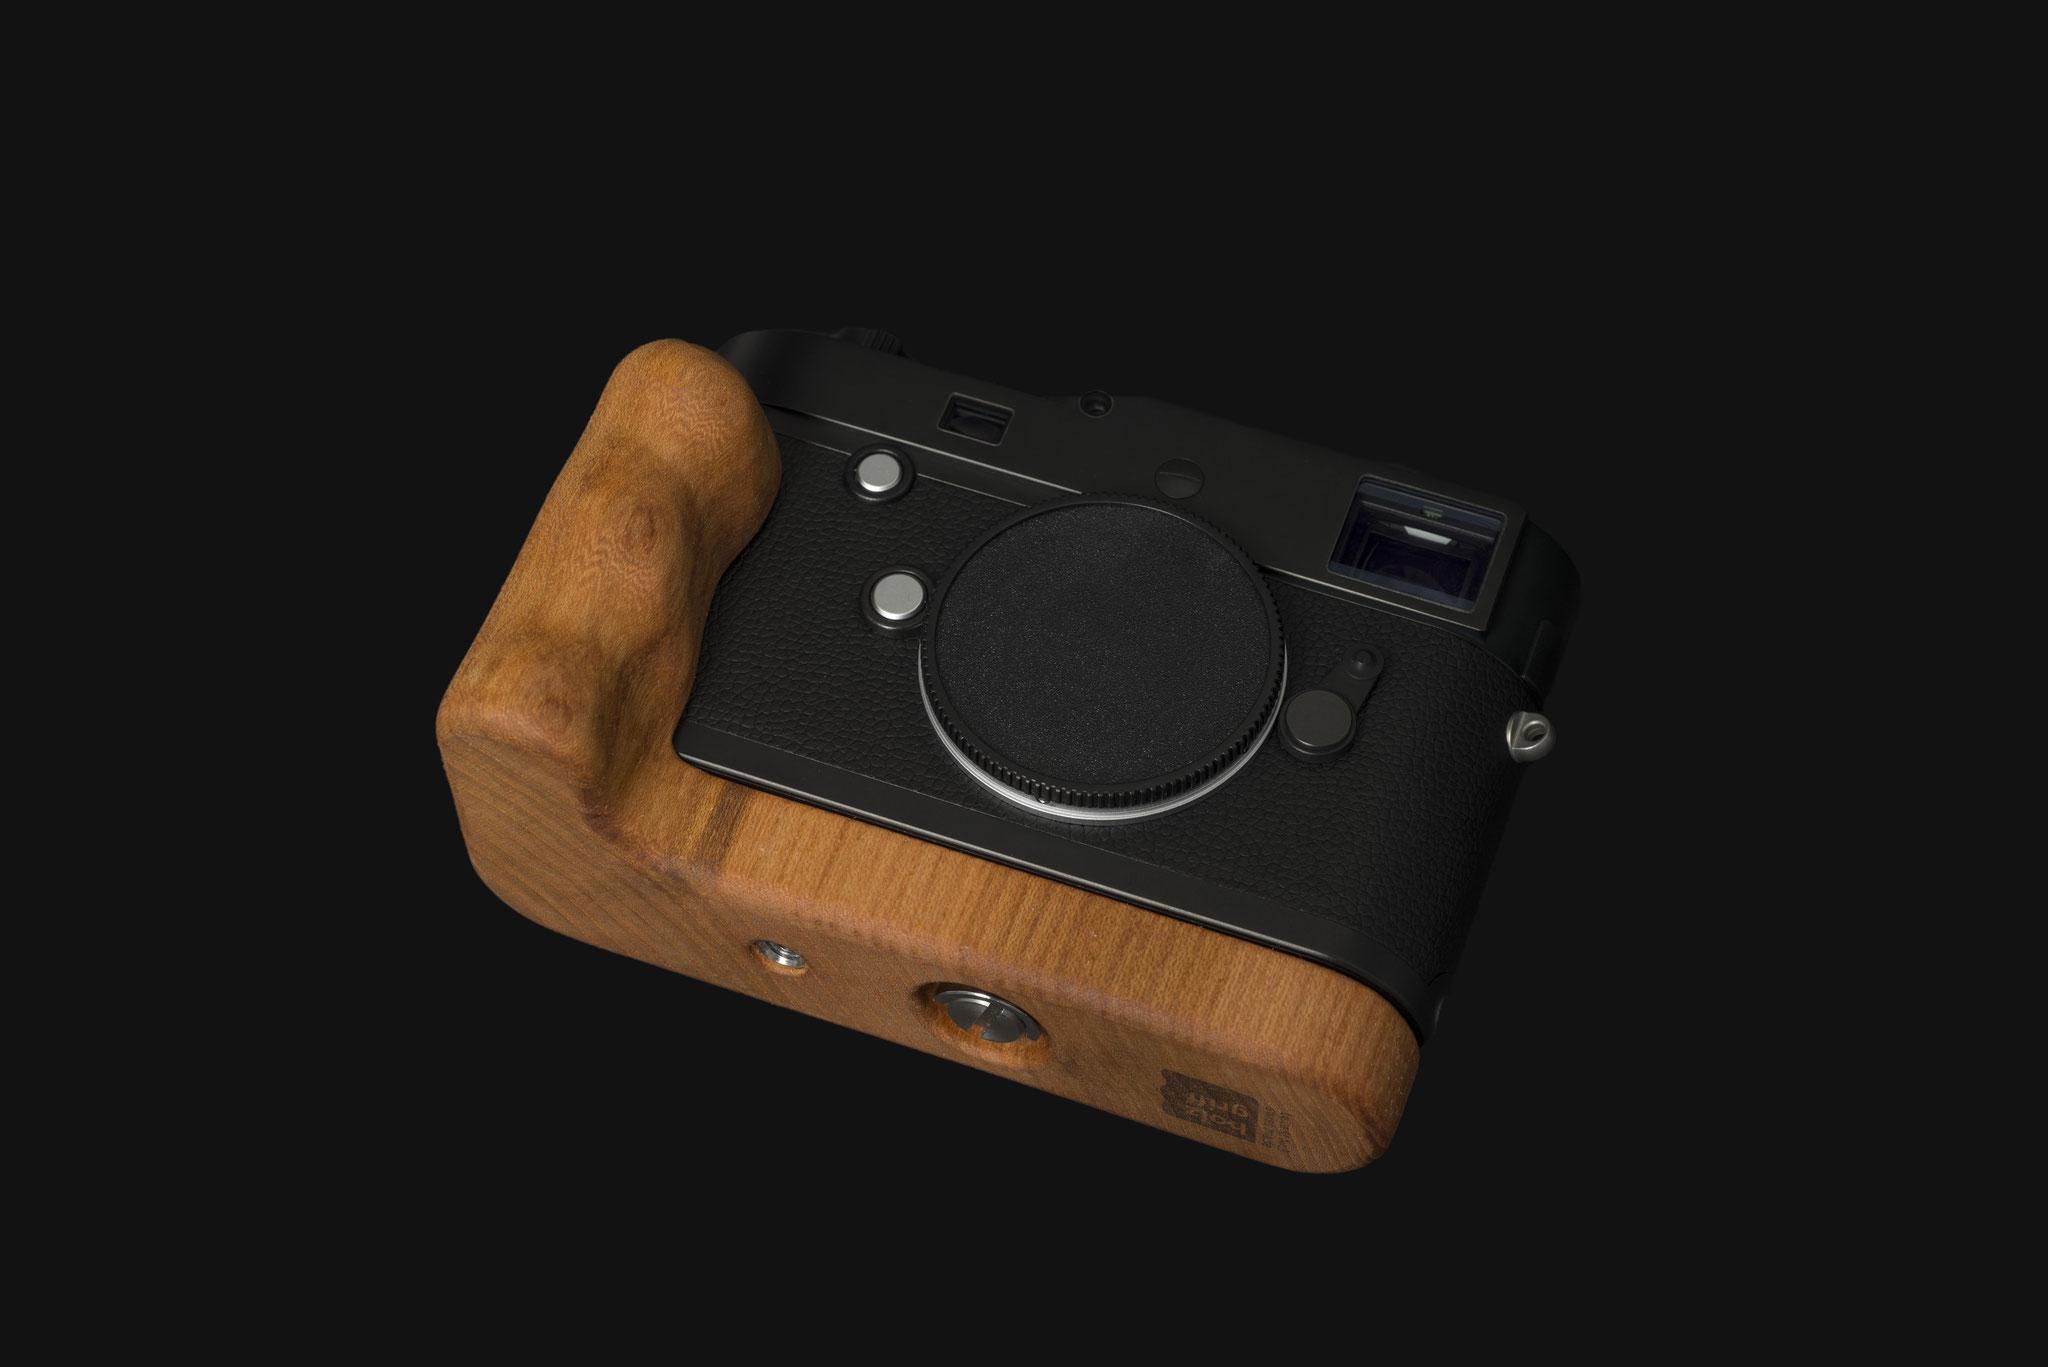 Leica Typ 246 mit Holzgriff